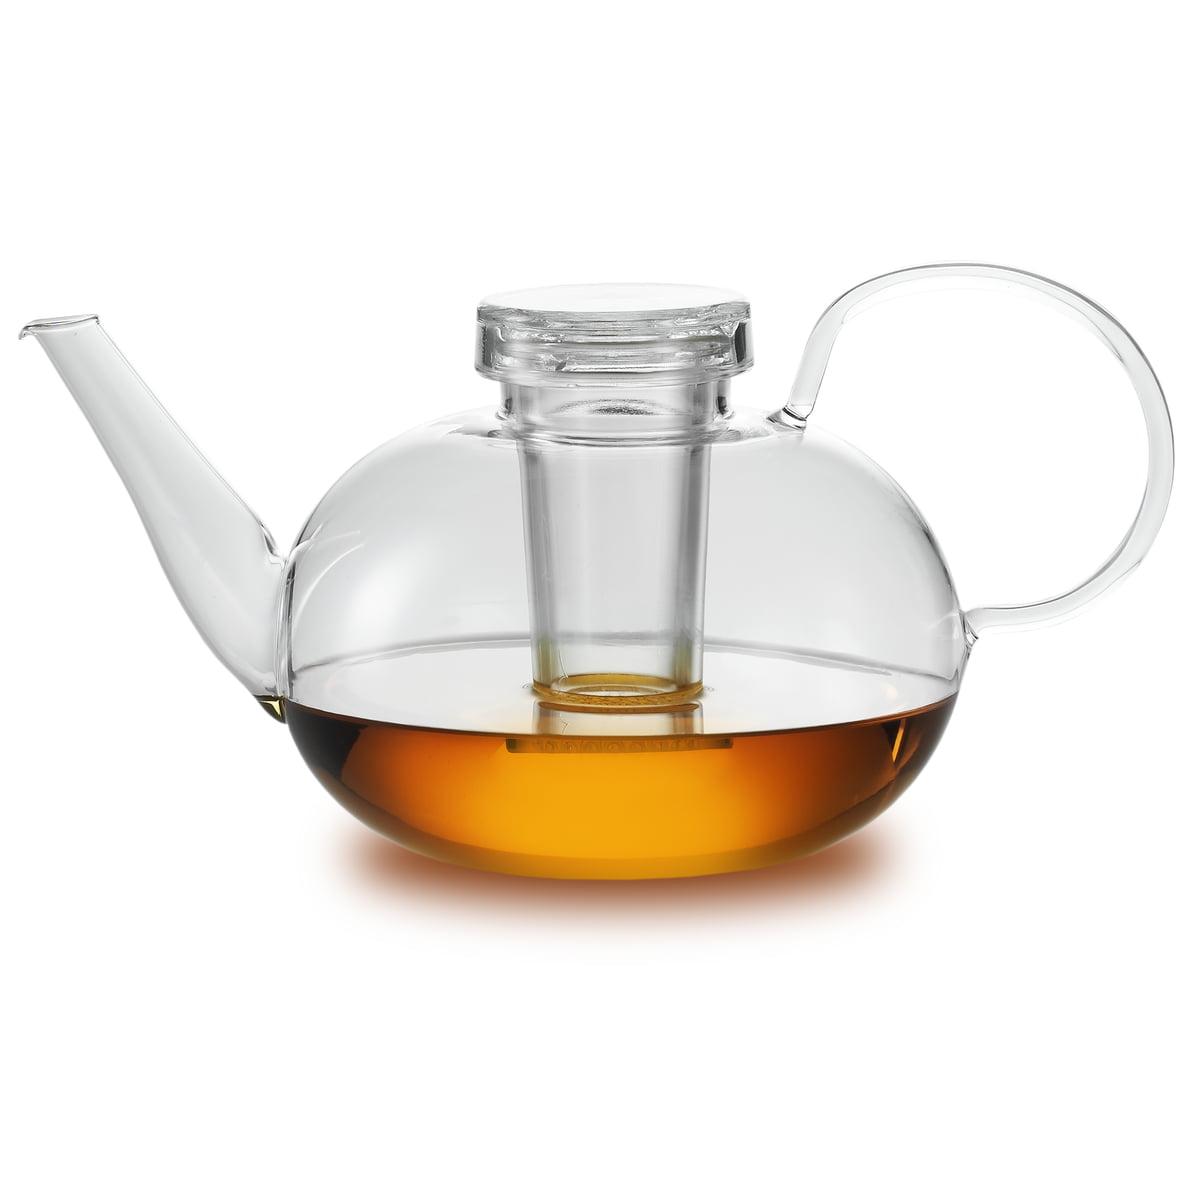 Jenaer Glas - Wagenfeld Teekanne mit Deckel und Filter | Küche und Esszimmer > Kaffee und Tee > Teekocher | Zwiesel Kristallglas AG